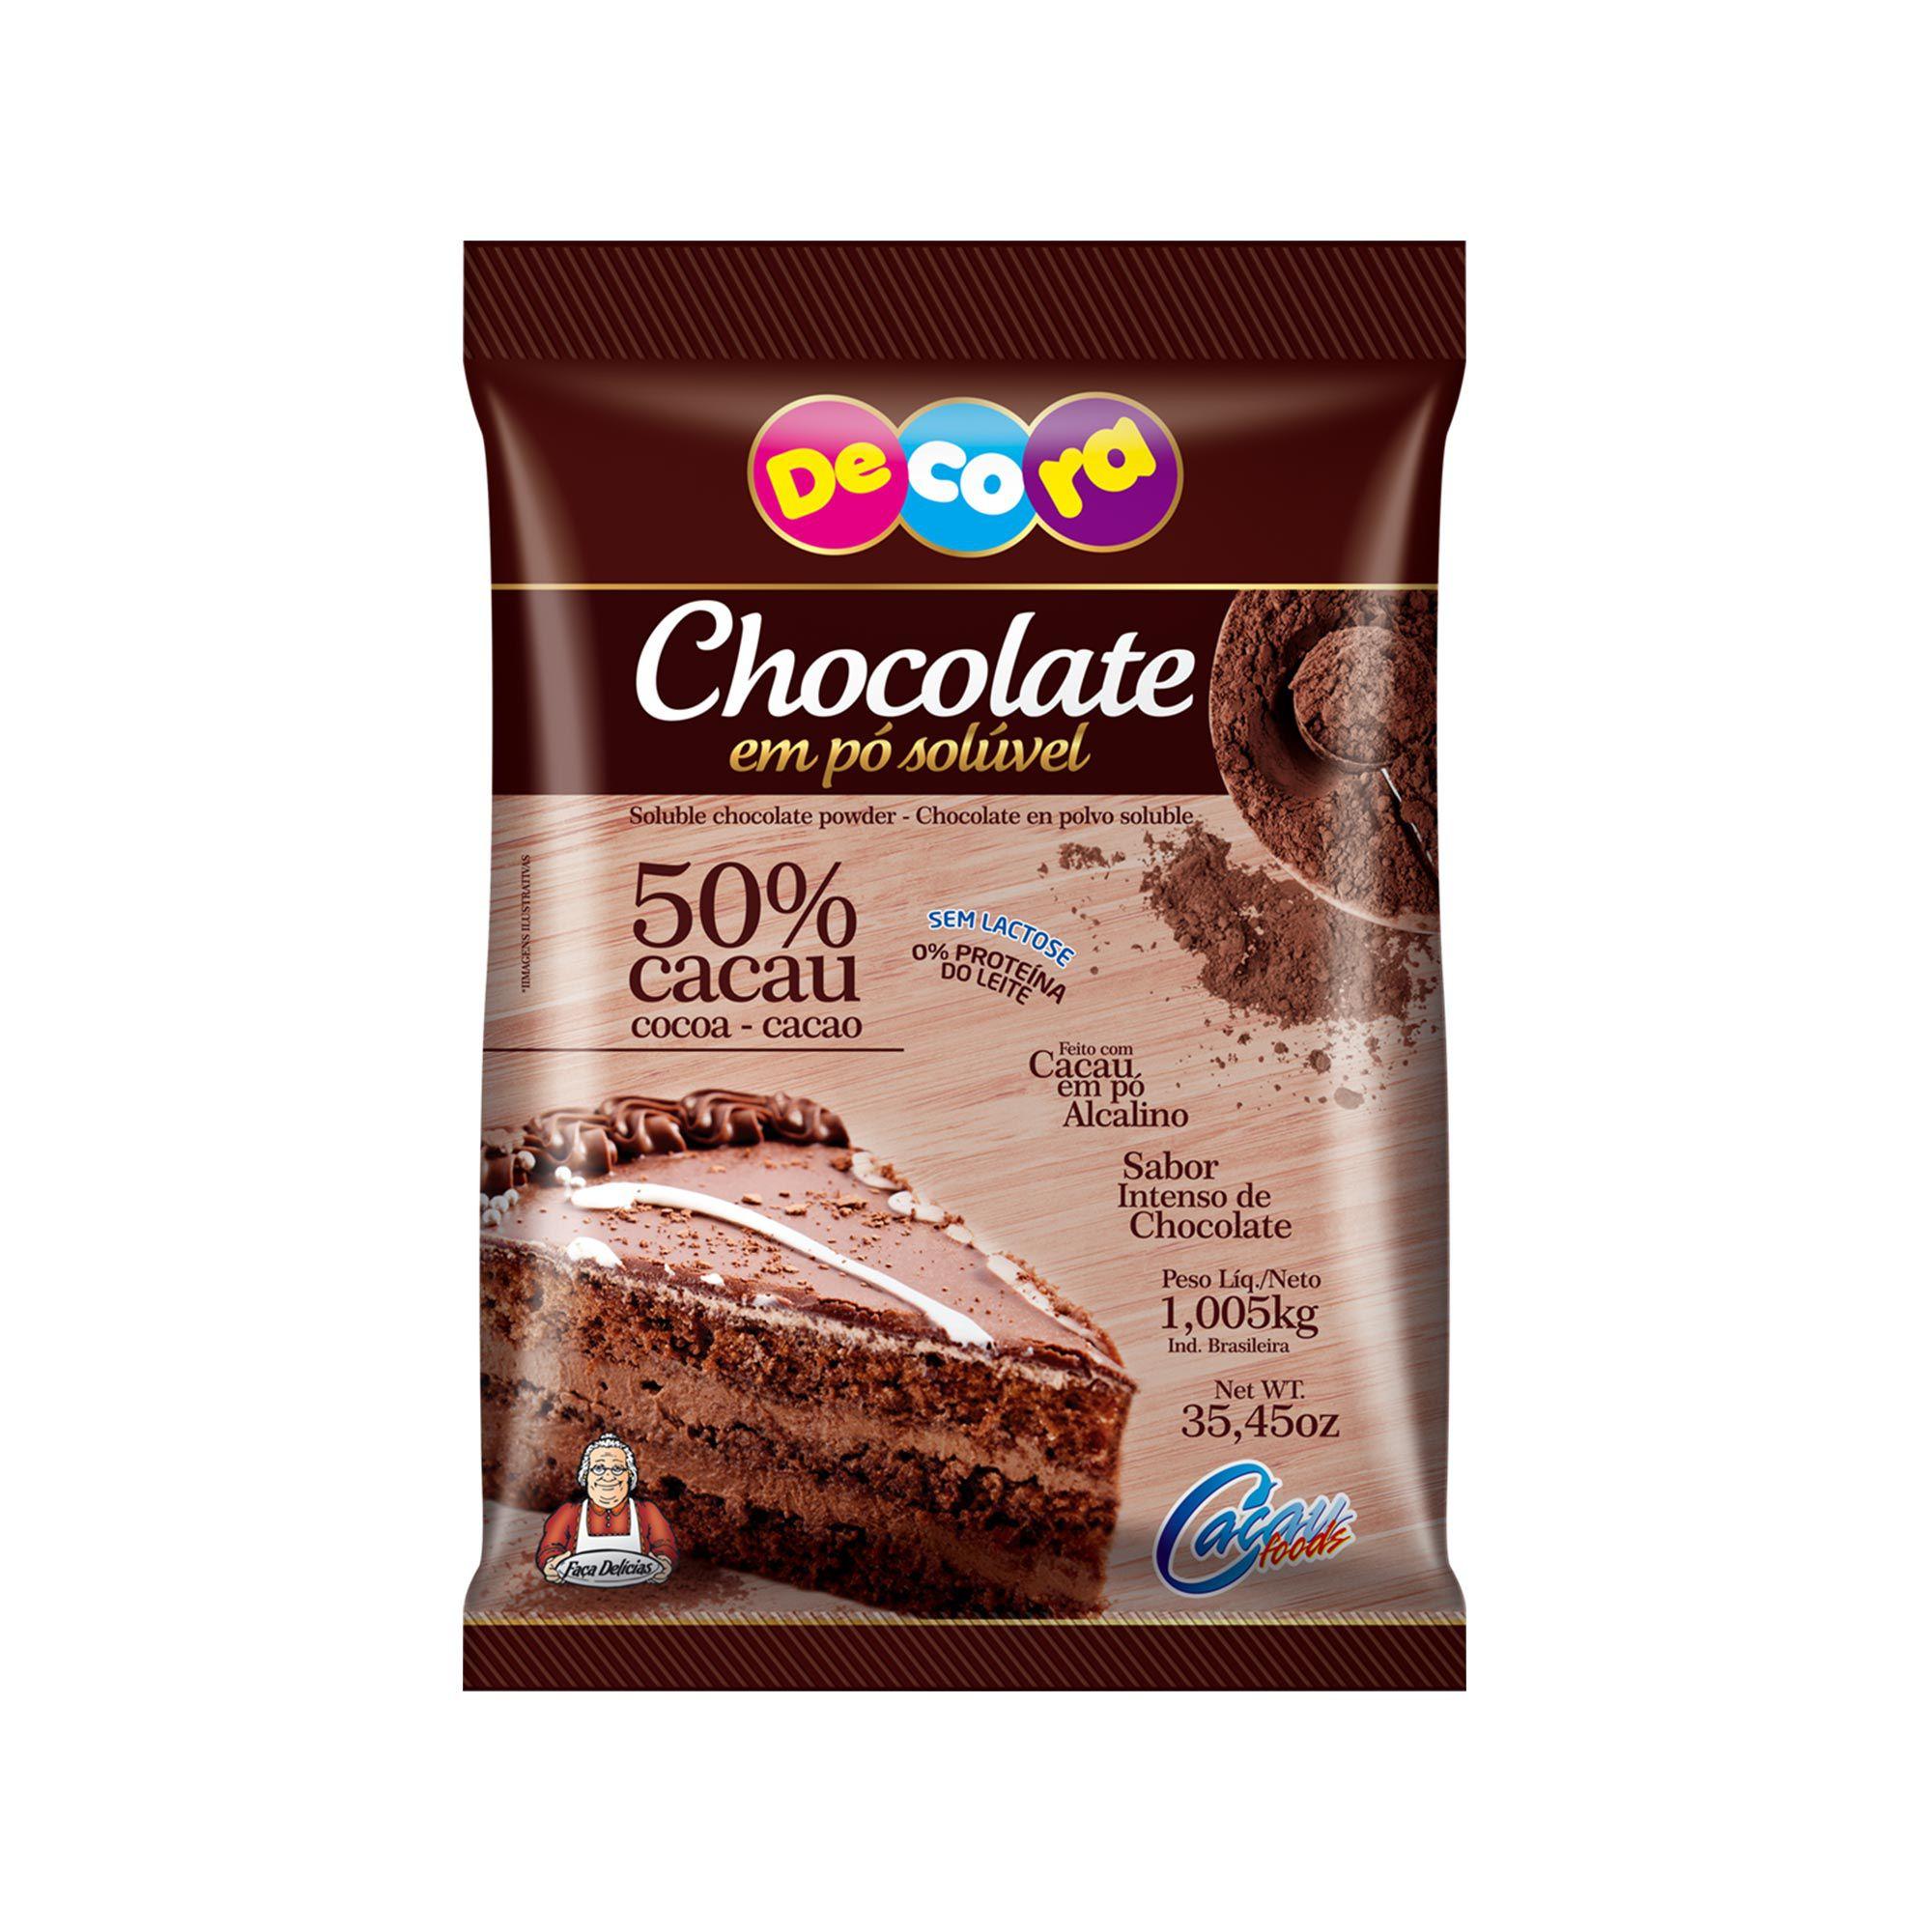 Chocolate Em Pó Solúvel 50% Cacau Decora 1005Kg